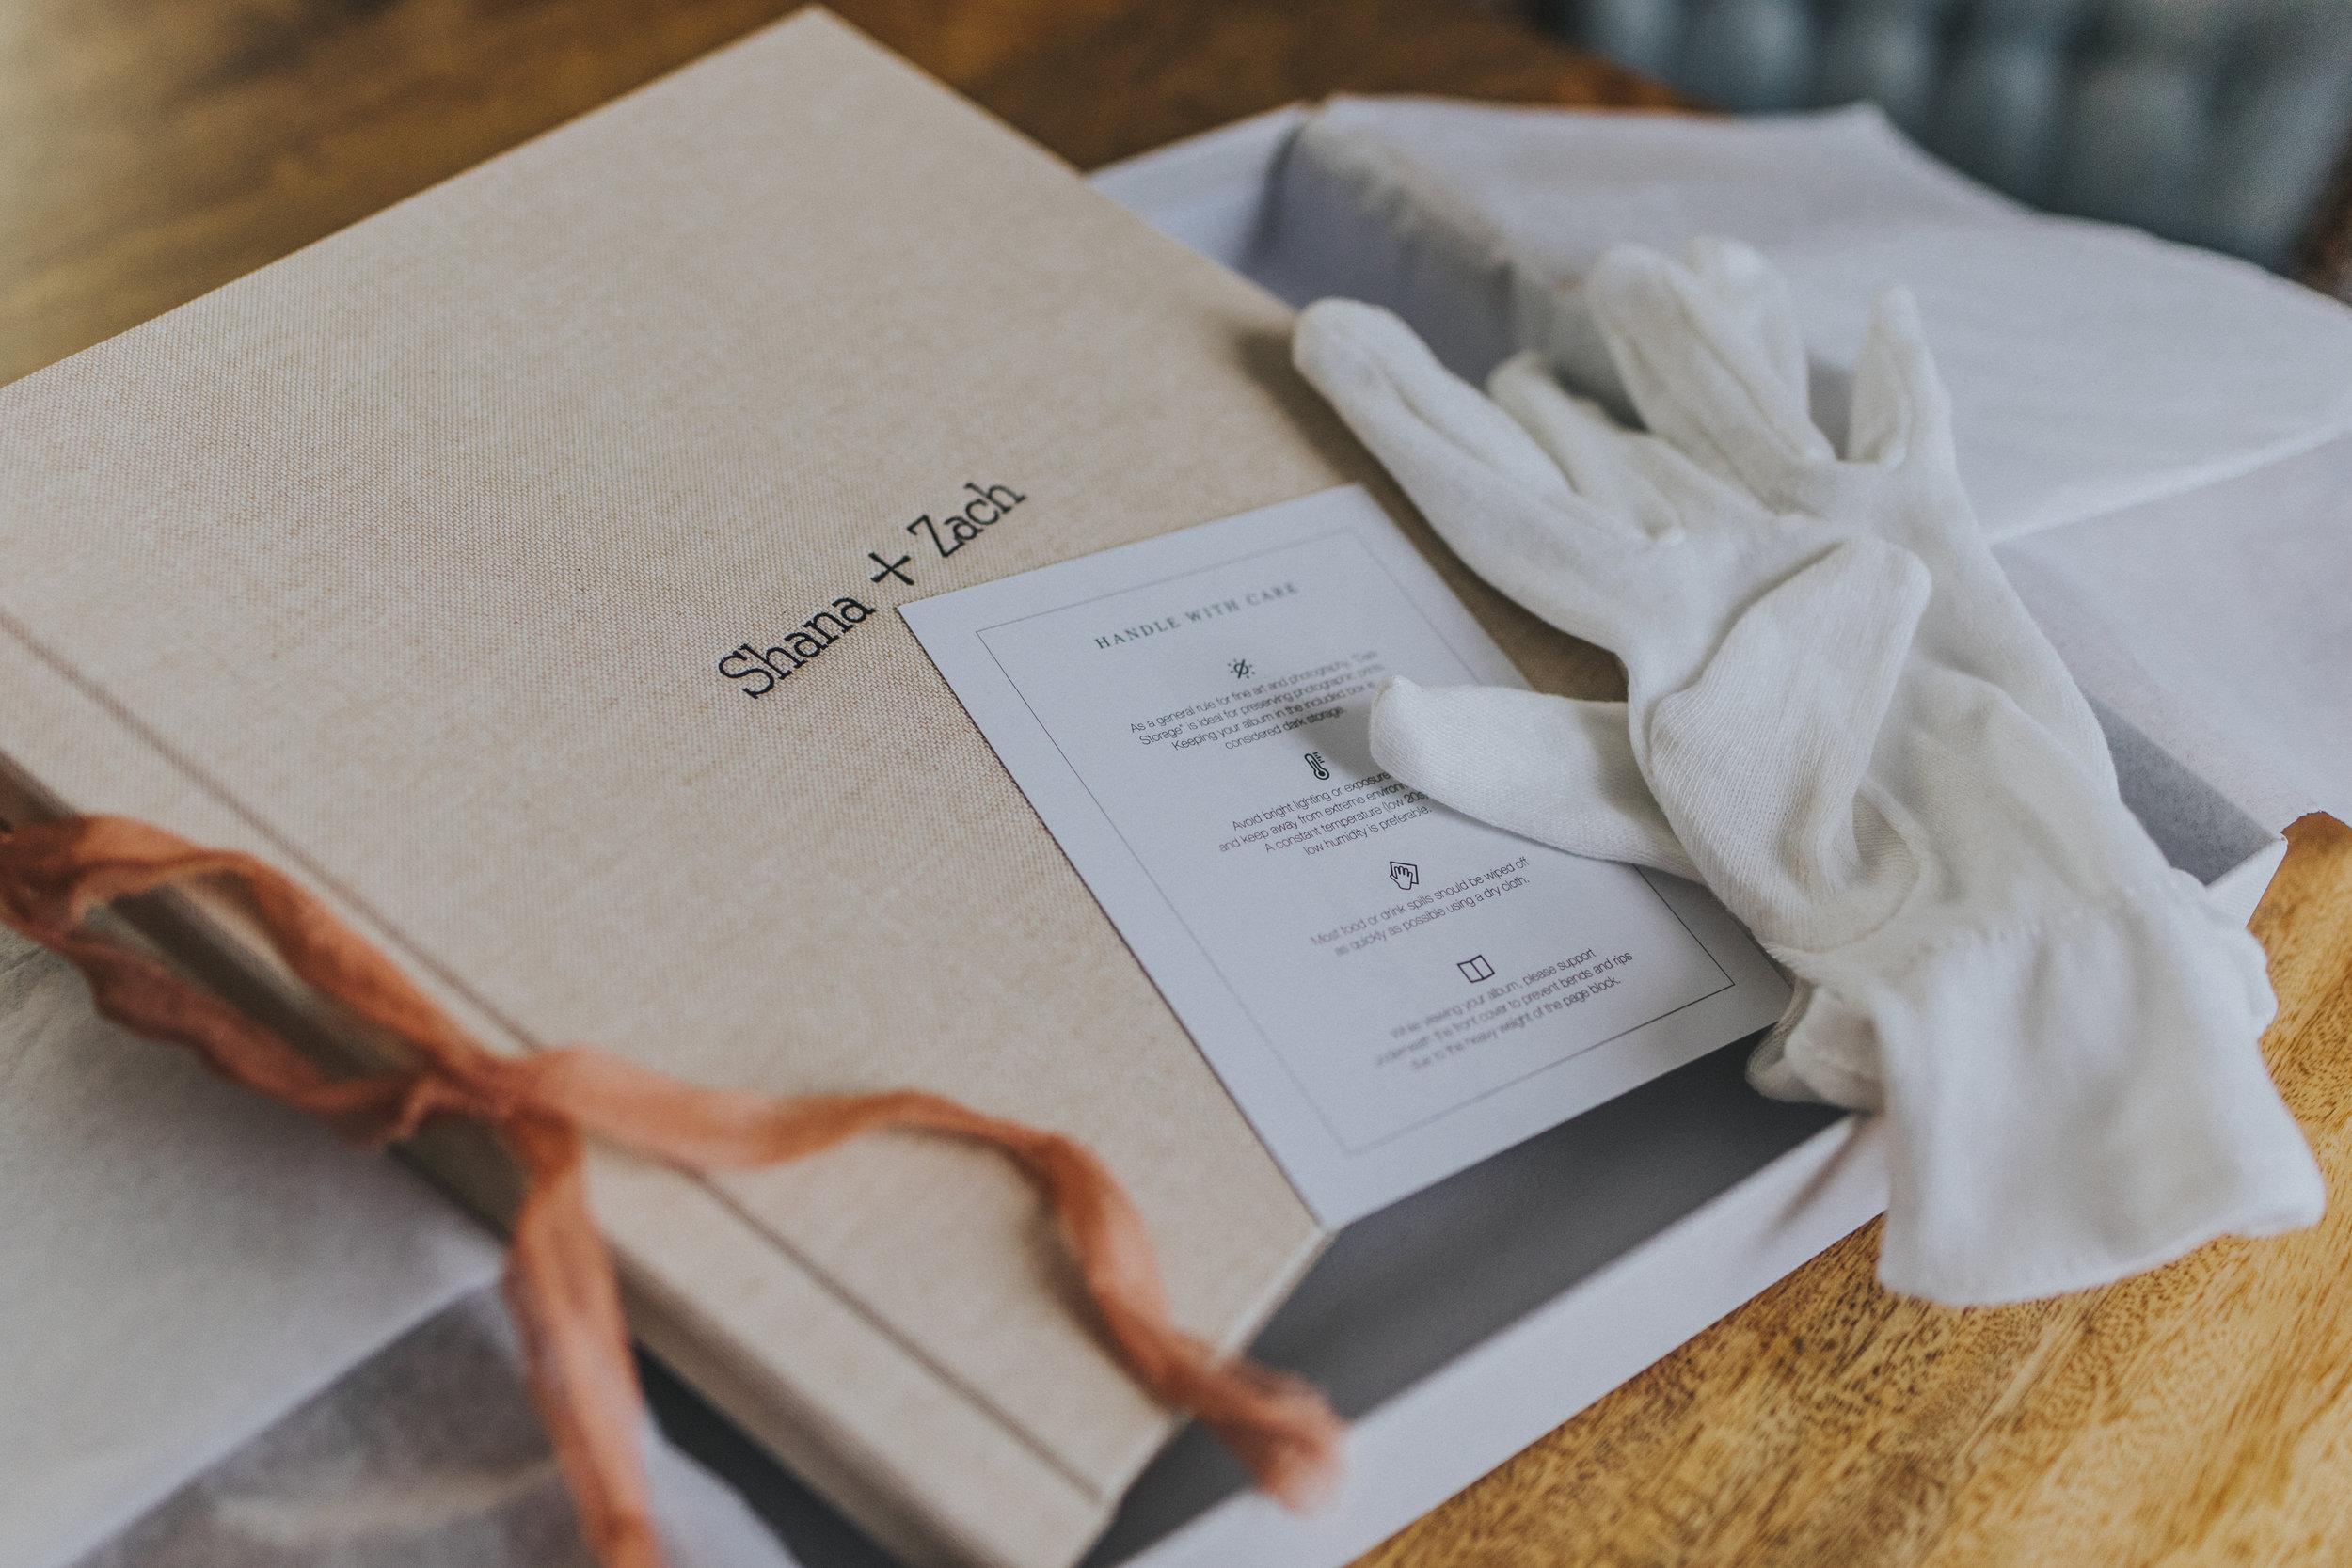 omaha-elopement-intimate-wedding-album